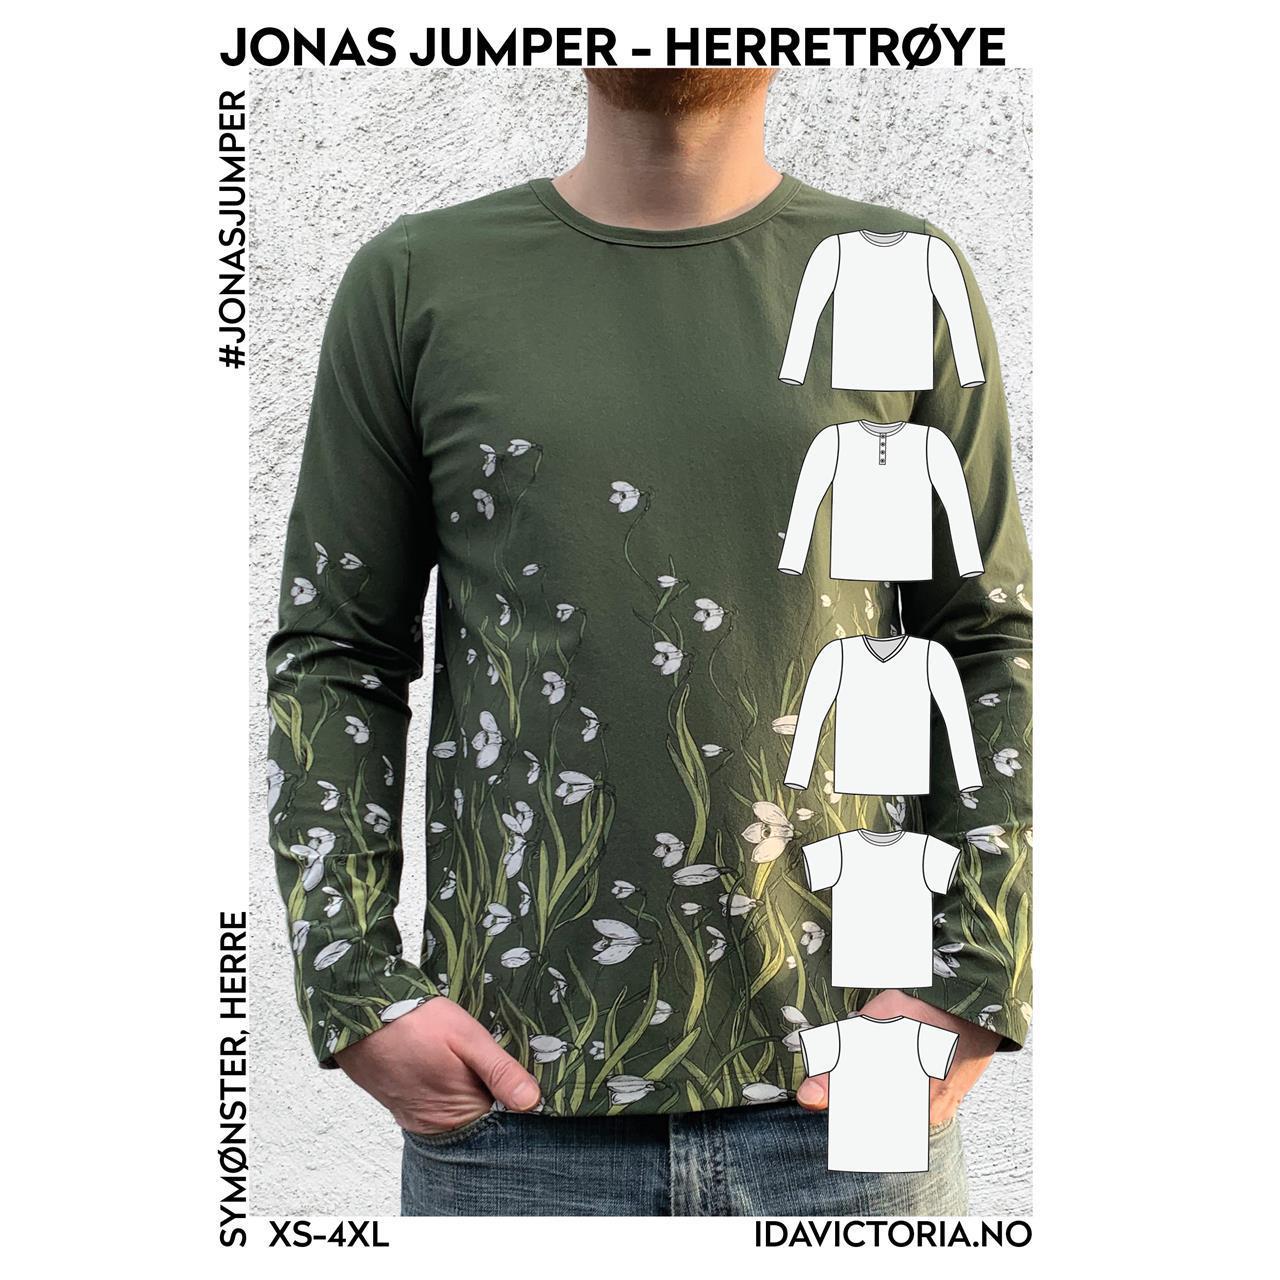 Jonas jumper - herretrøye